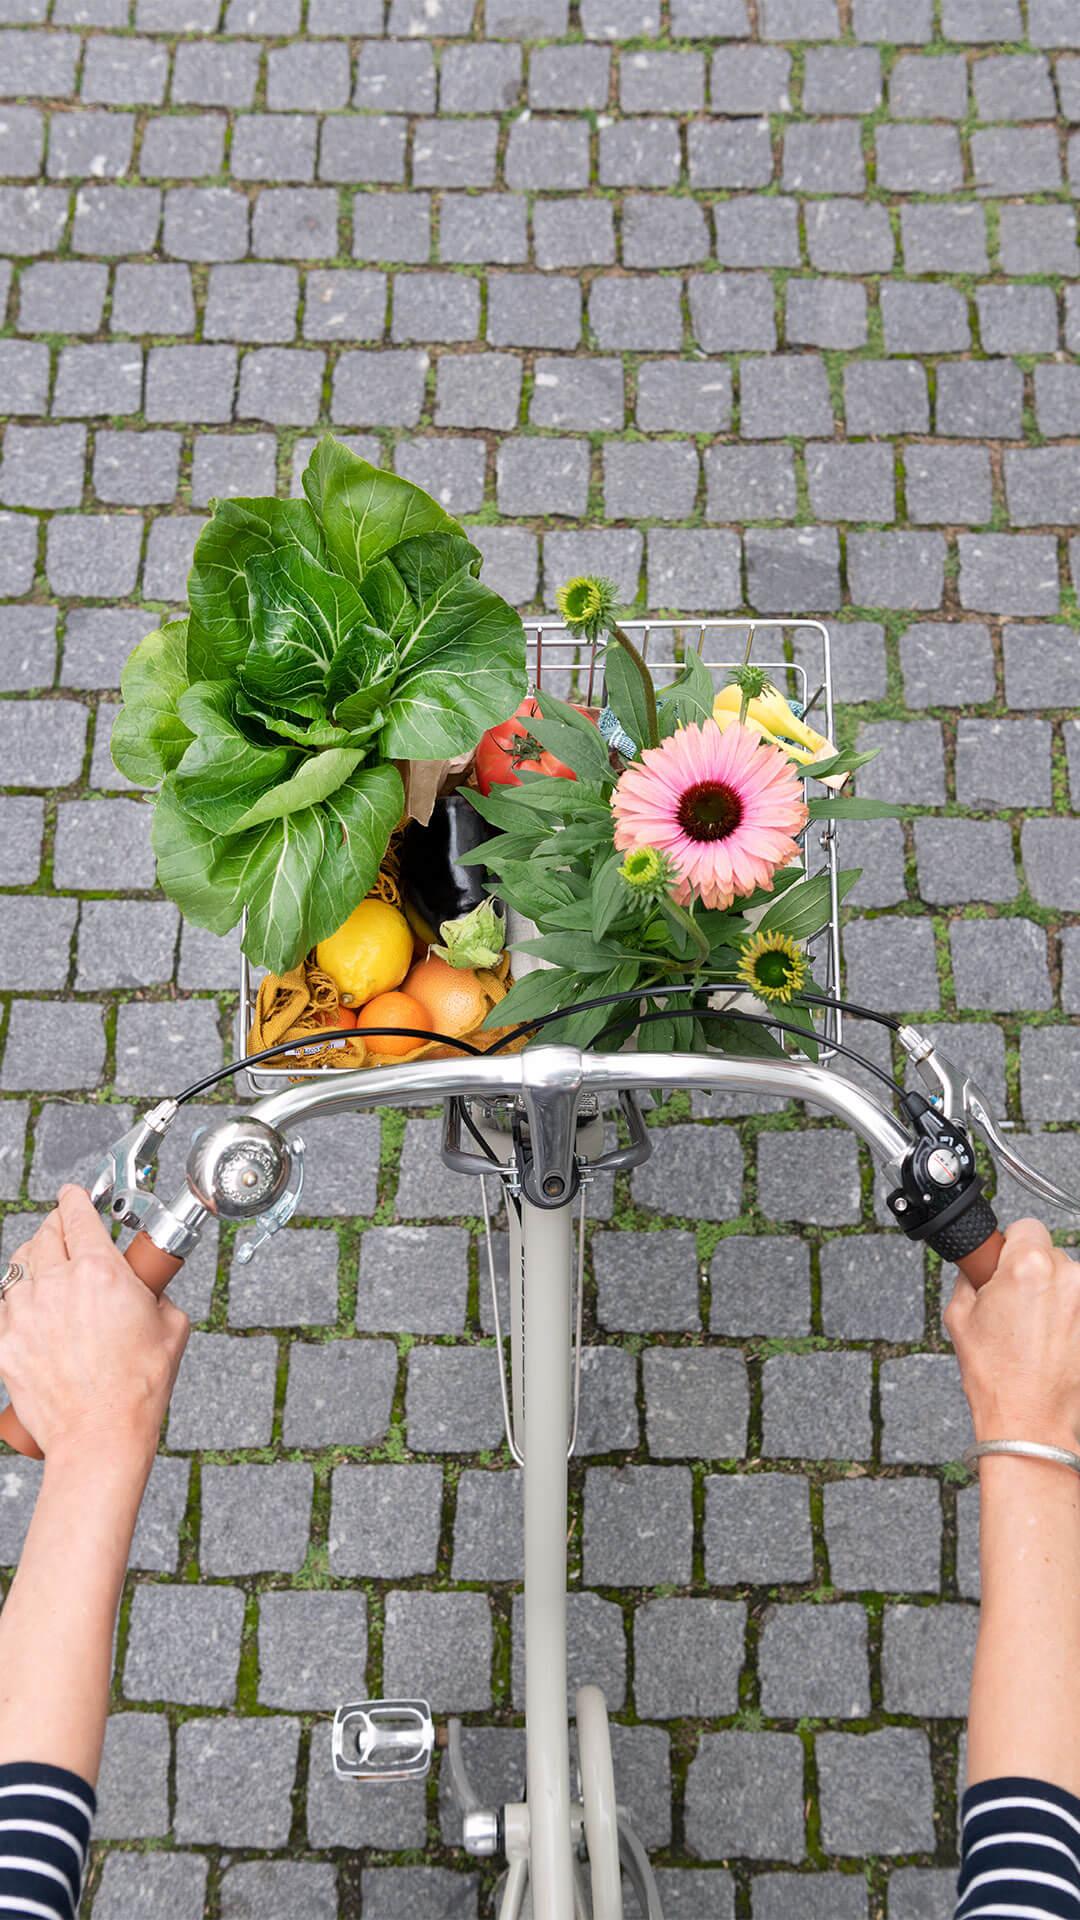 Nieuwbouw Tuinen van Genta - Persona - Joan Copijn - je eerste thuis